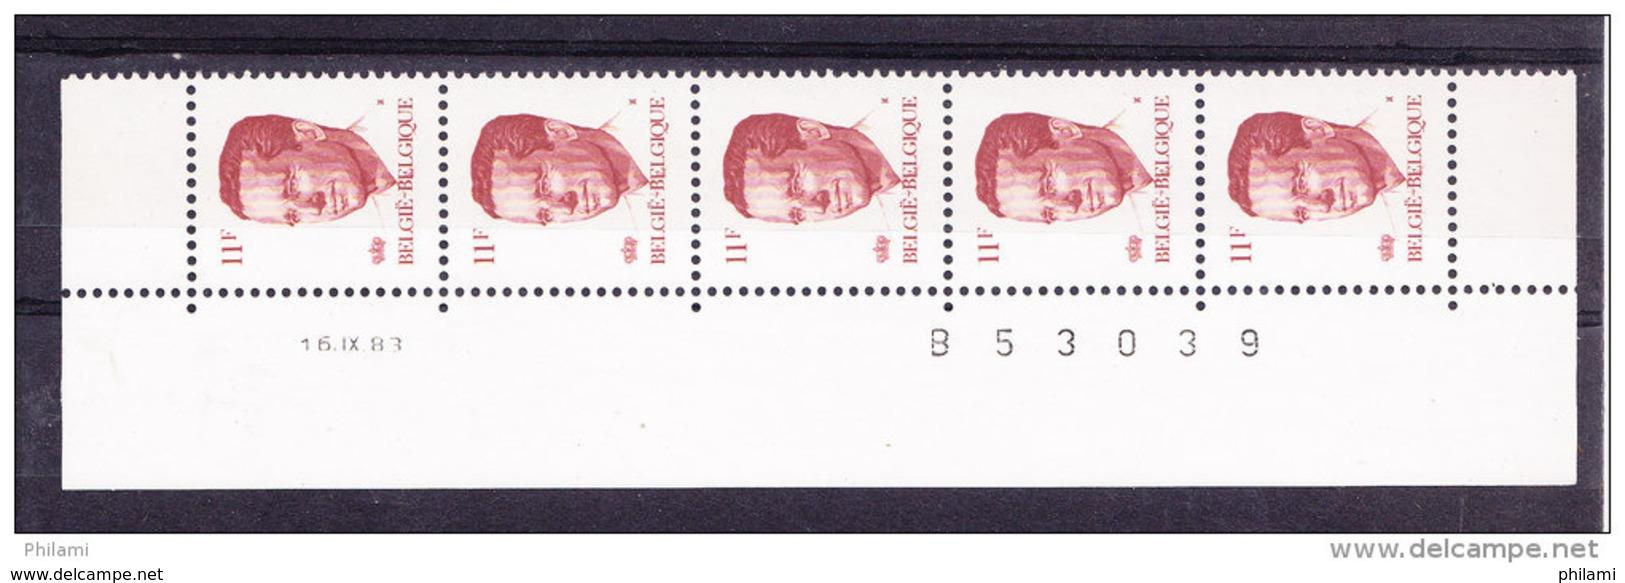 BELGIQUE COB 2085 ** MNH BANDE DE 5 DATEE, GOMME BLANCHE. (4TJ22) - 1981-1990 Velghe